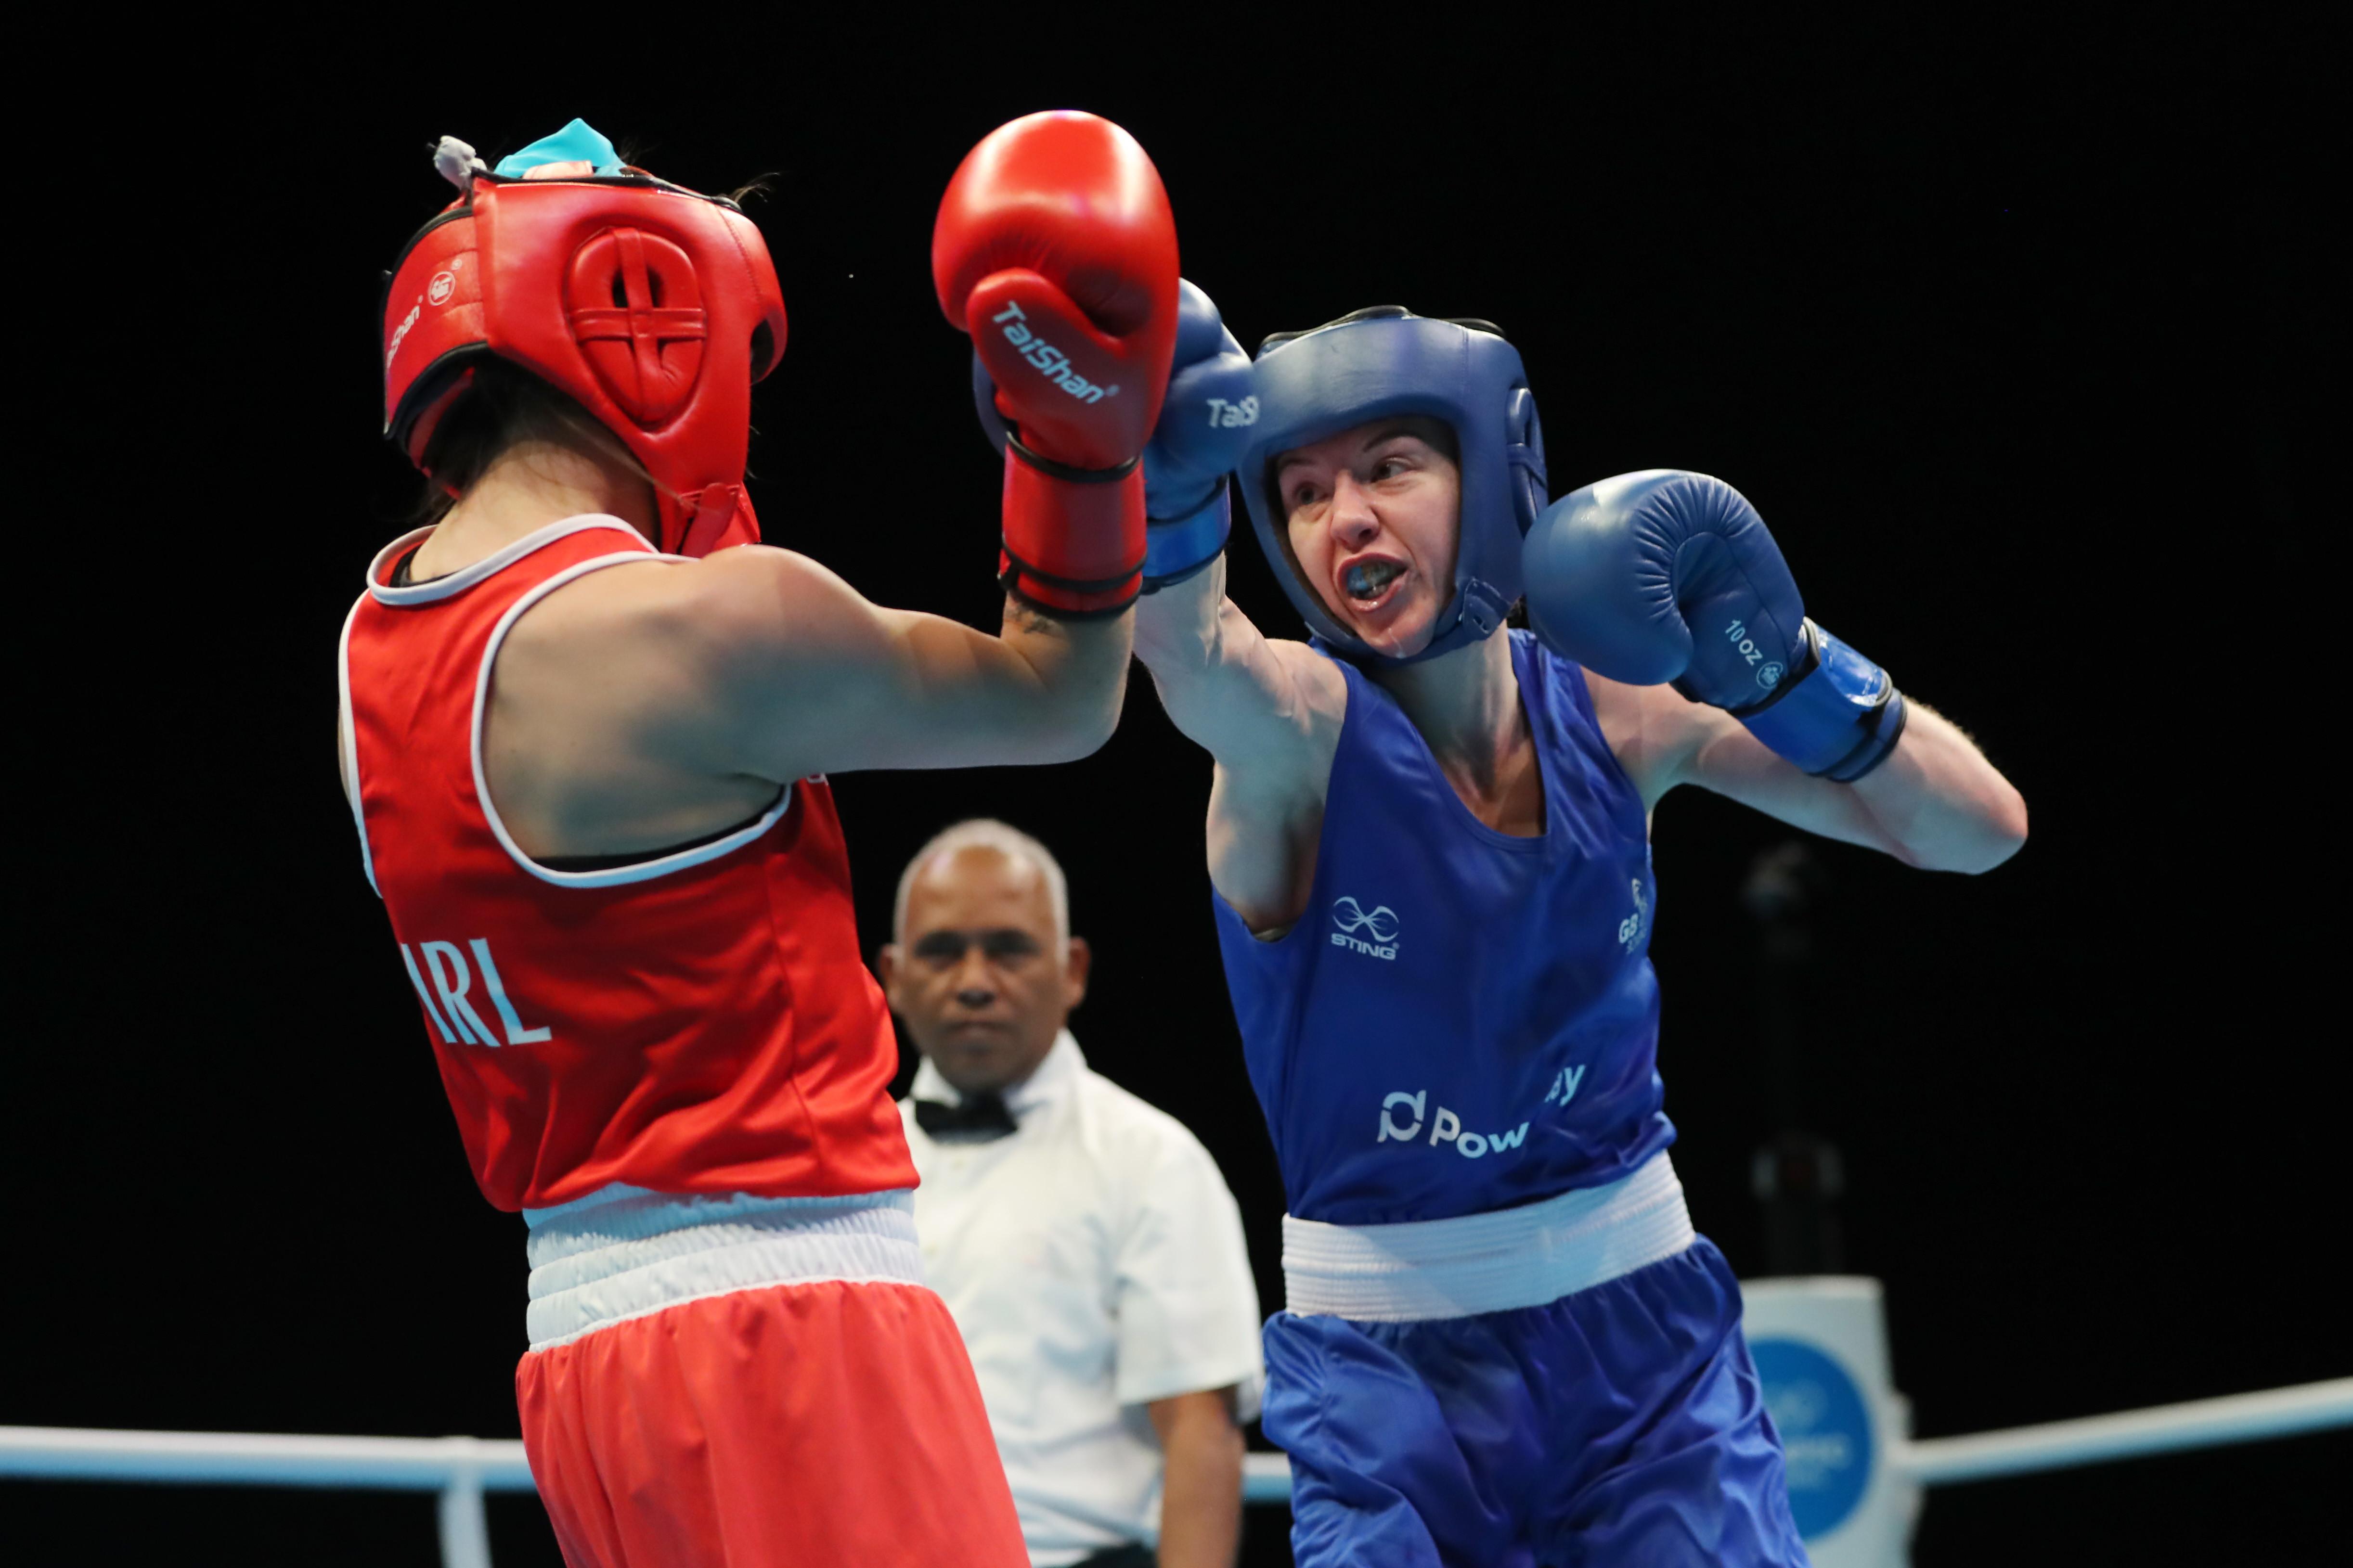 &quot;La nostra azzurra Giordana Sorrentino si &egrave;&nbsp;qualificata nei quarti dei 51 kg&nbsp;a Londra ed &egrave;&nbsp;l&igrave;&nbsp;a giocarsi la qualificazione al torneo di Tokyo. Ma vi sembra normale? La boxe, che &egrave;&nbsp;uno sport estremamente di contatto. E&#39; vero che gli atleti sono l&igrave;&nbsp;da tanto tempo. Ma trovo surreale che ci siano Paesi interpretino il nostro mondo in maniera cos&igrave;&nbsp;differente. Non lo trovo giusto e non va bene&quot;: cosi&#39; il presidente del Coni, Giovanni Malag&ograve; a&nbsp;Gr Parlamento sul torneo di boxe pre-olimpico in svolgimento questi giorni alla Copper Boxe Arena.<br /><br />